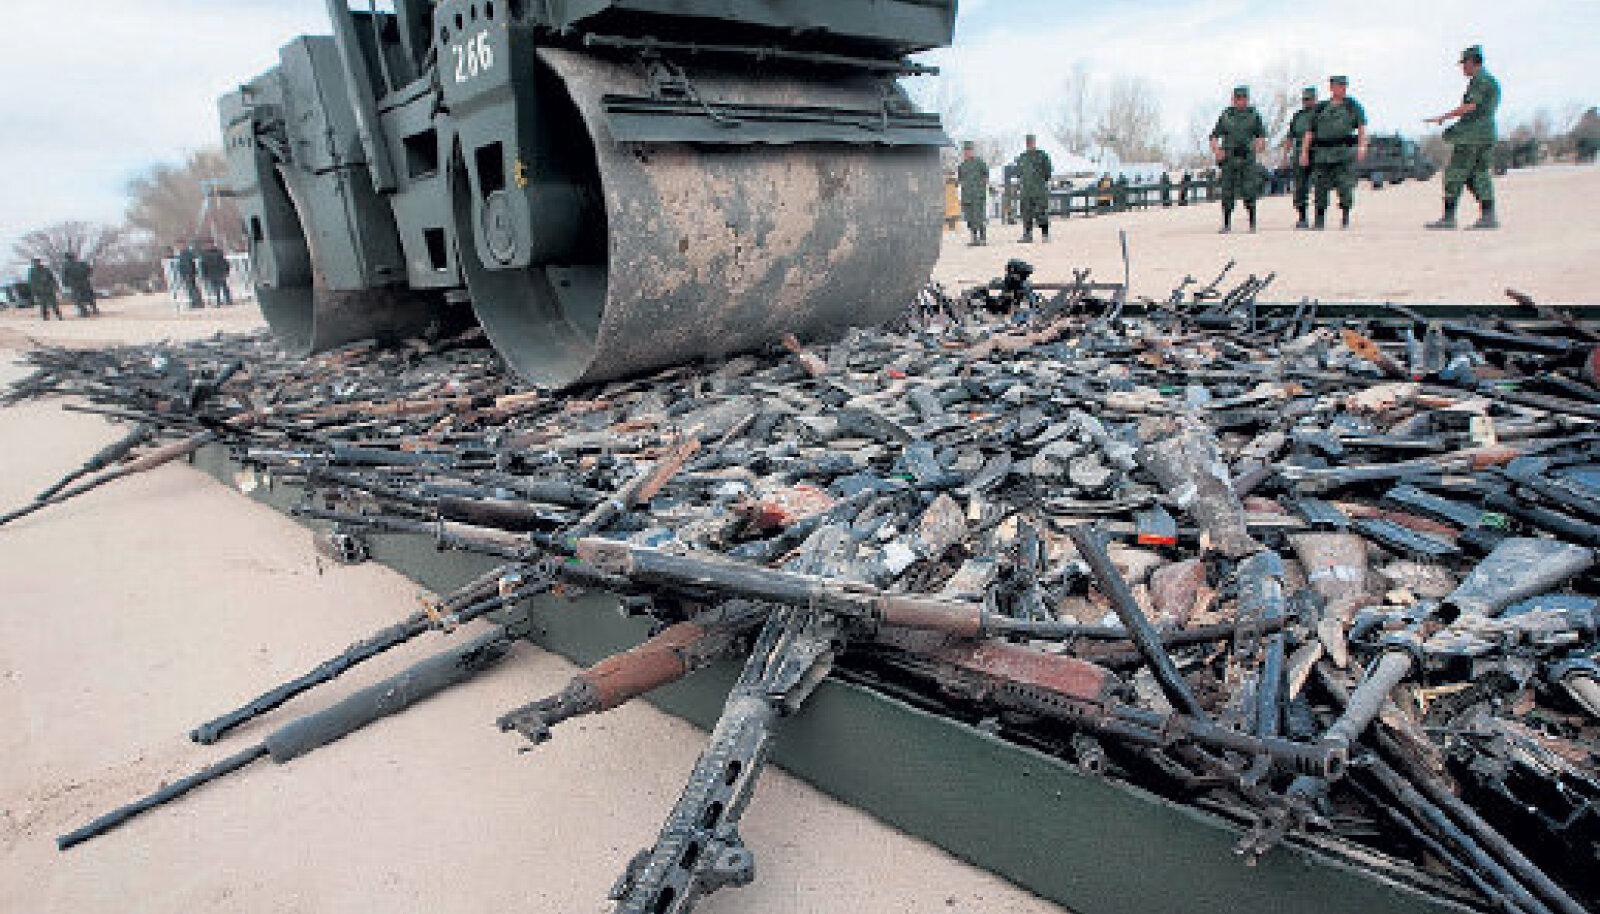 Mehhiko armee hävitab riigi vägivaldsetelt narkokartellidelt konfiskeeritud tulirelvi, fotol jääb teerulli alla vähemalt 6000 automaati ja püstolit.